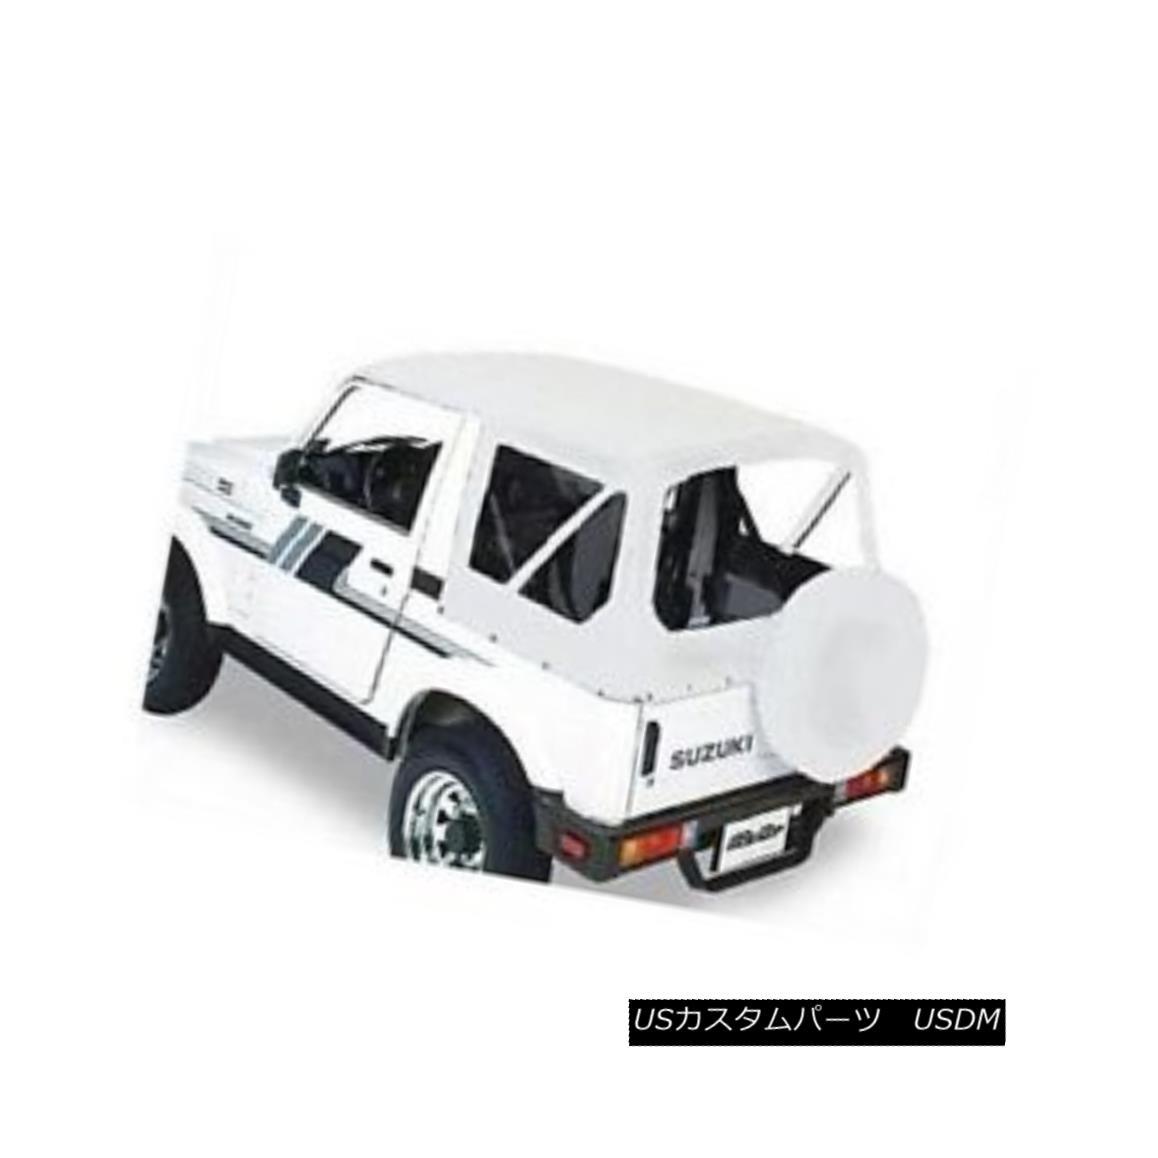 幌・ソフトトップ Bestop 51361-52 Soft Top Replace-A-Top Polymer Cloth White for Suzuki Samurai ベストトップ51361-52スズキサムライ用ソフトトップ交換ポリマートップホワイト